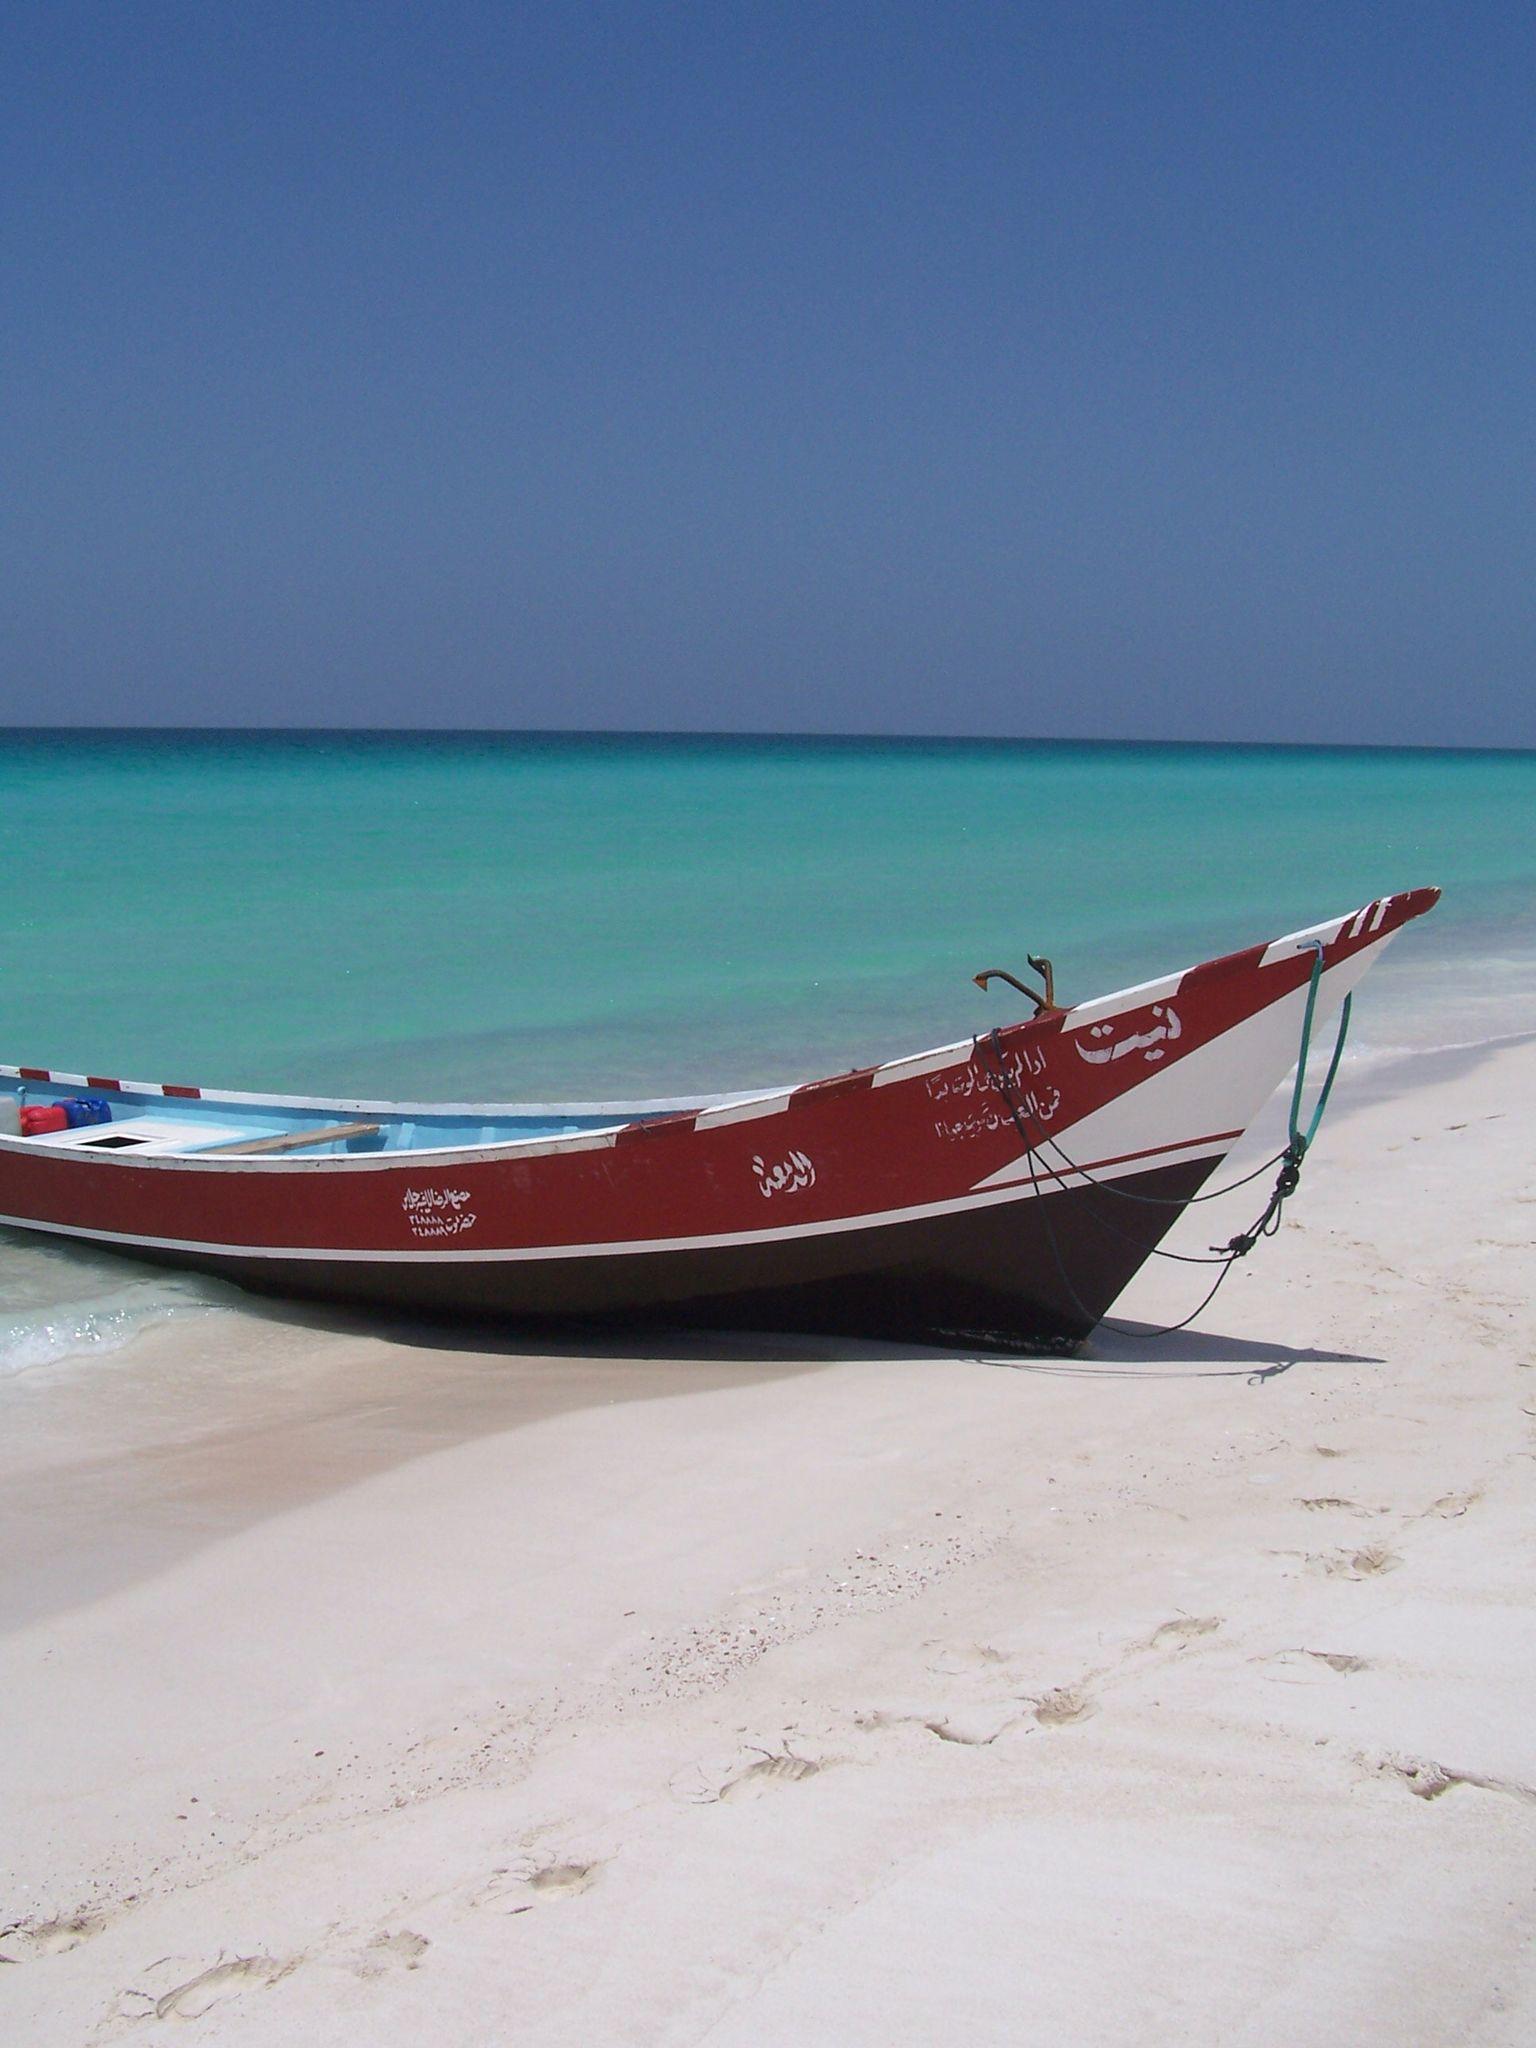 Beach in Sokotra, Yemen